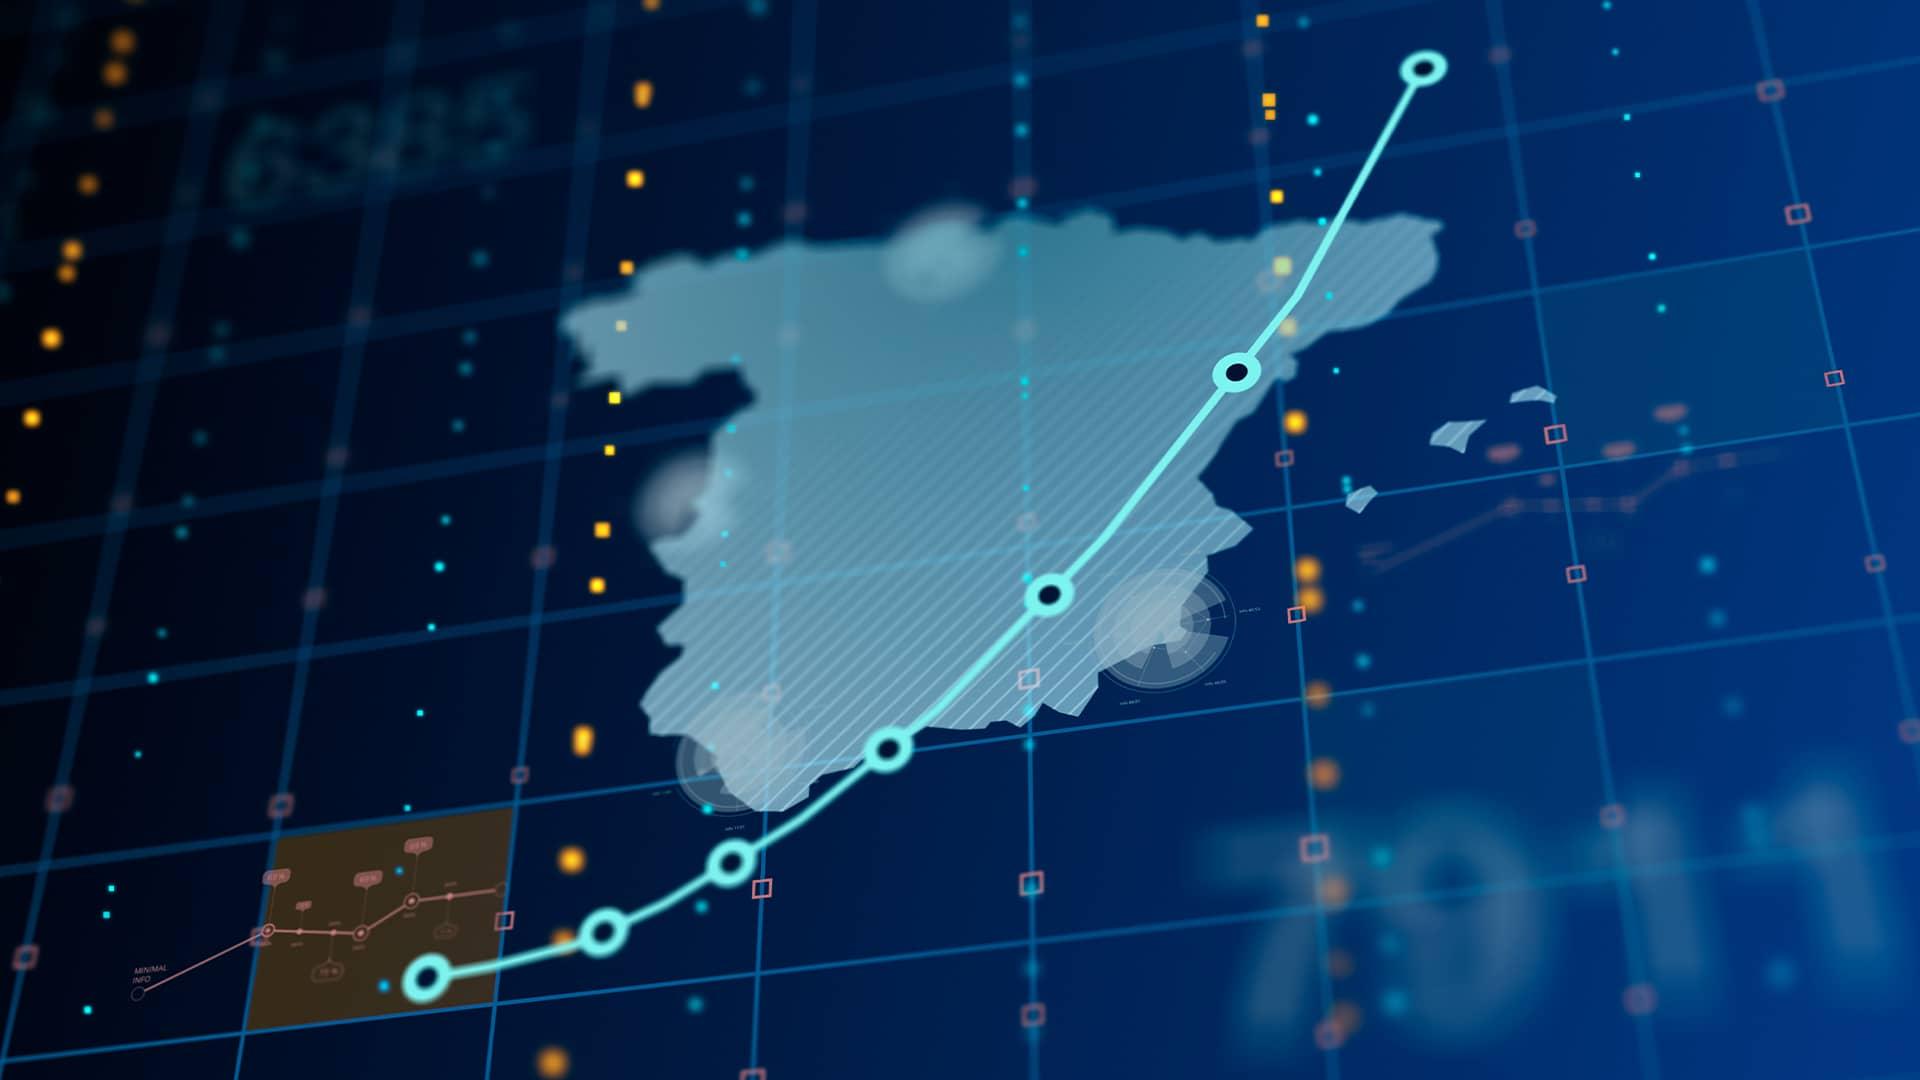 Internet en España: ¿cómo es y será su velocidad?